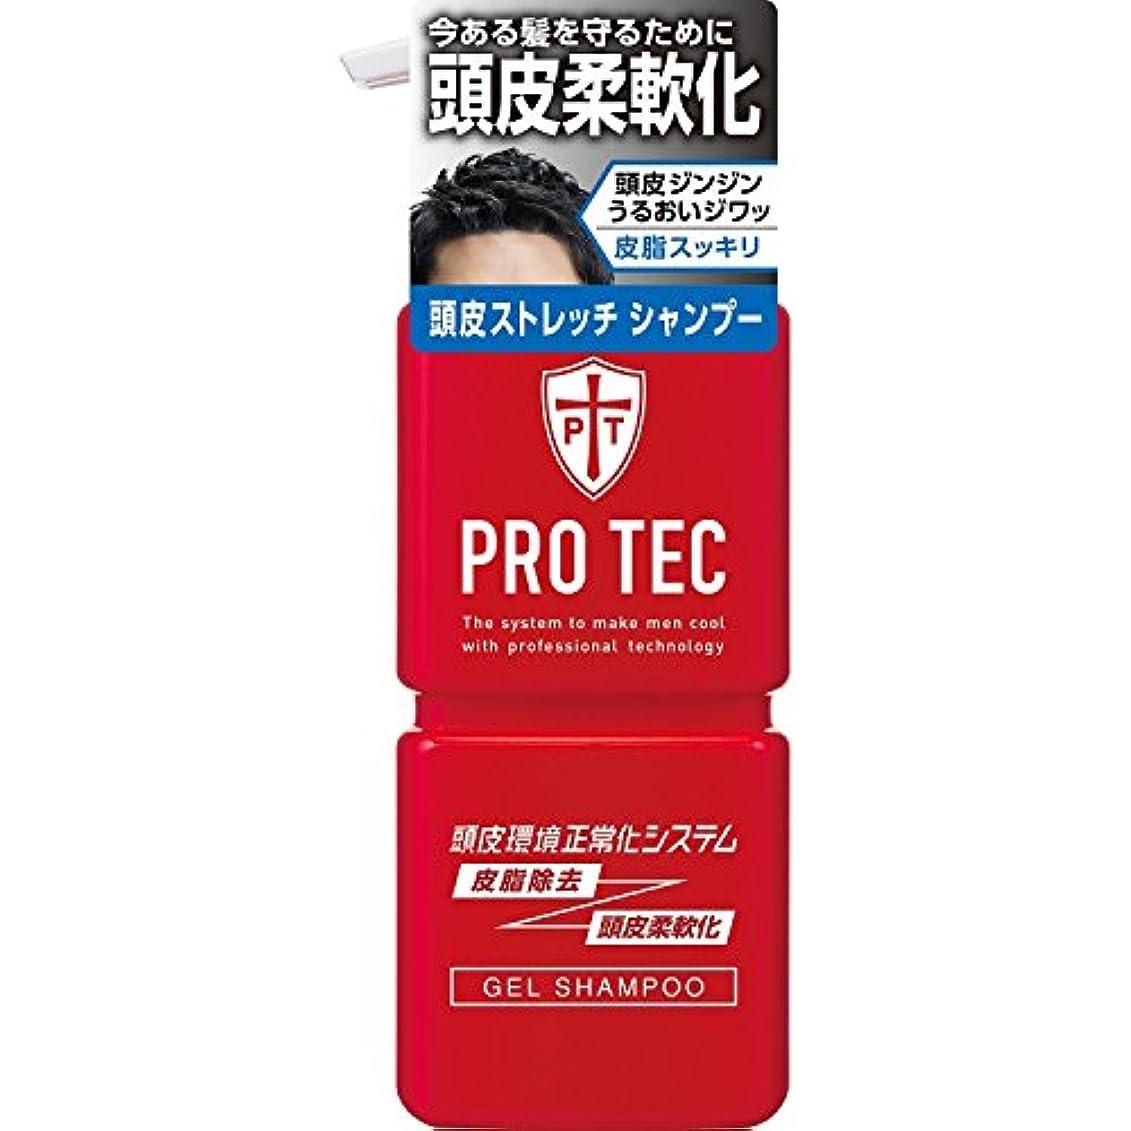 オズワルドそれらタブレットPRO TEC(プロテク) 頭皮ストレッチ シャンプー 本体ポンプ 300g(医薬部外品)